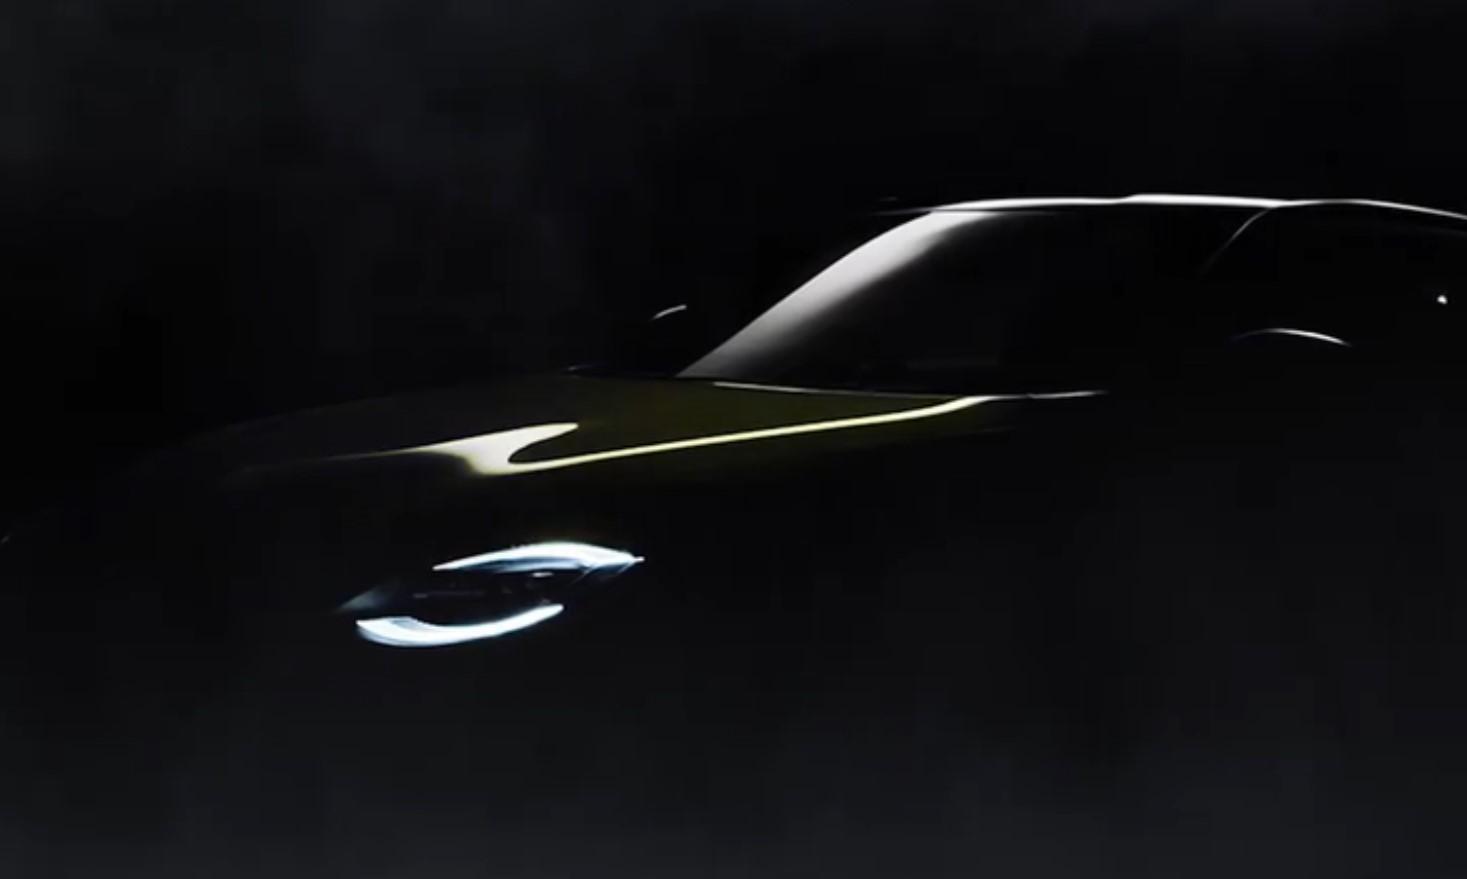 كشفت نيسان عن 3 مقاطع فيديو تشويقية لسيارتها Z الإنتاجية الجديدة ويكشف كل مقطع عن جزء من موعد التدشين، ما الذي يريده الجمهور بعد نيسان Z Proto؟